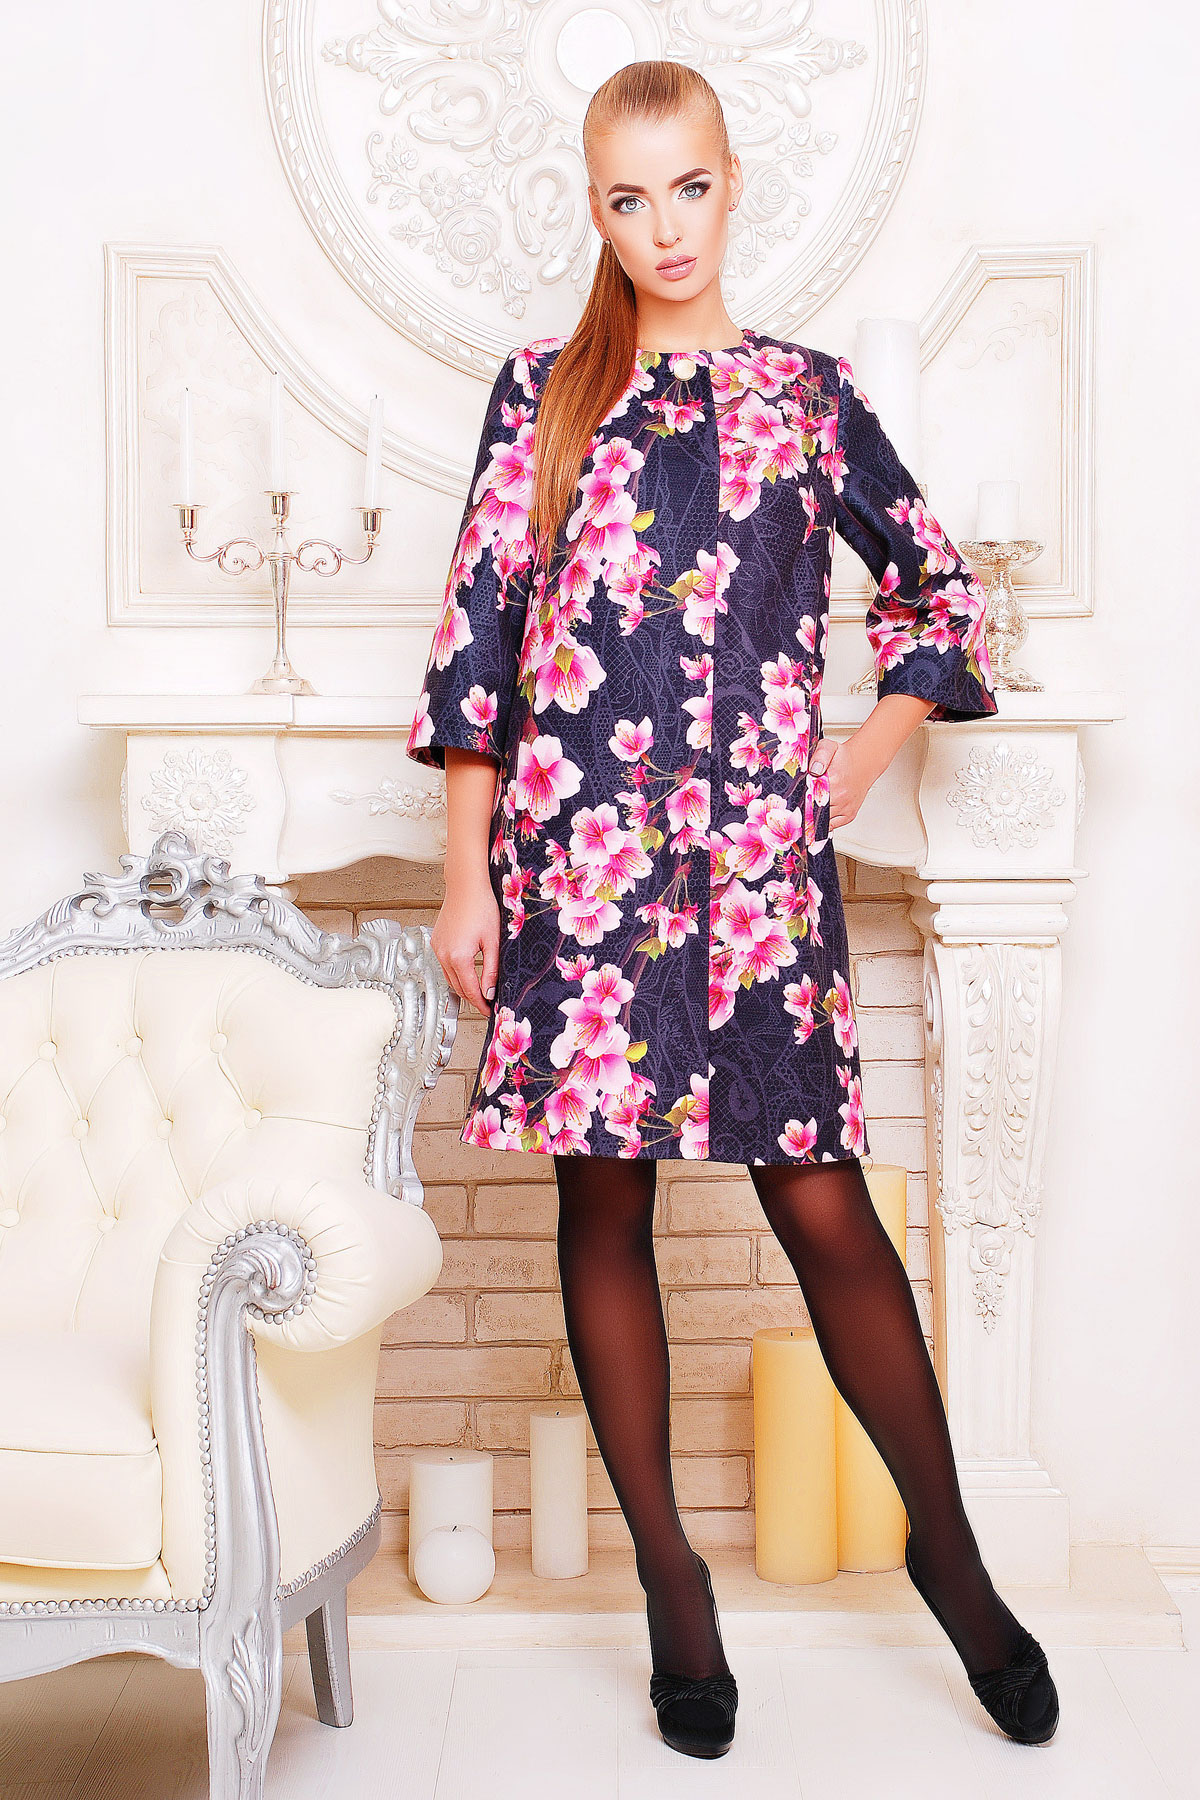 Glem женская одежда доставка